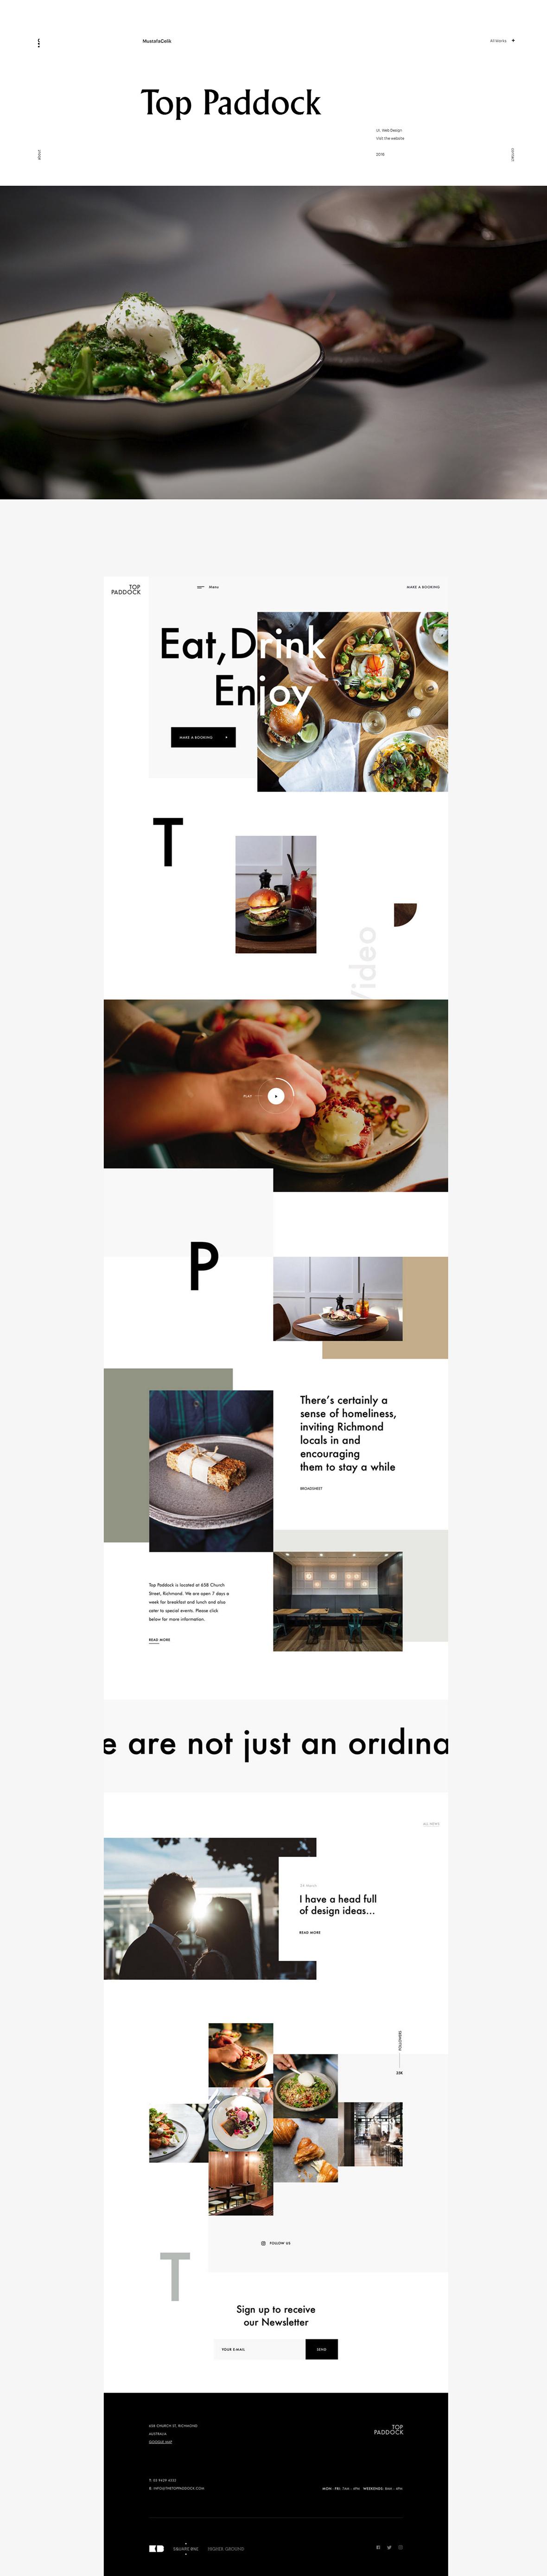 Mustafa Çelik-创意,网页设计,创意设计,创意网站,网站设计,创意作品,设计作品,网站欣赏,优,ui设计,设计,设计师,优秀设计